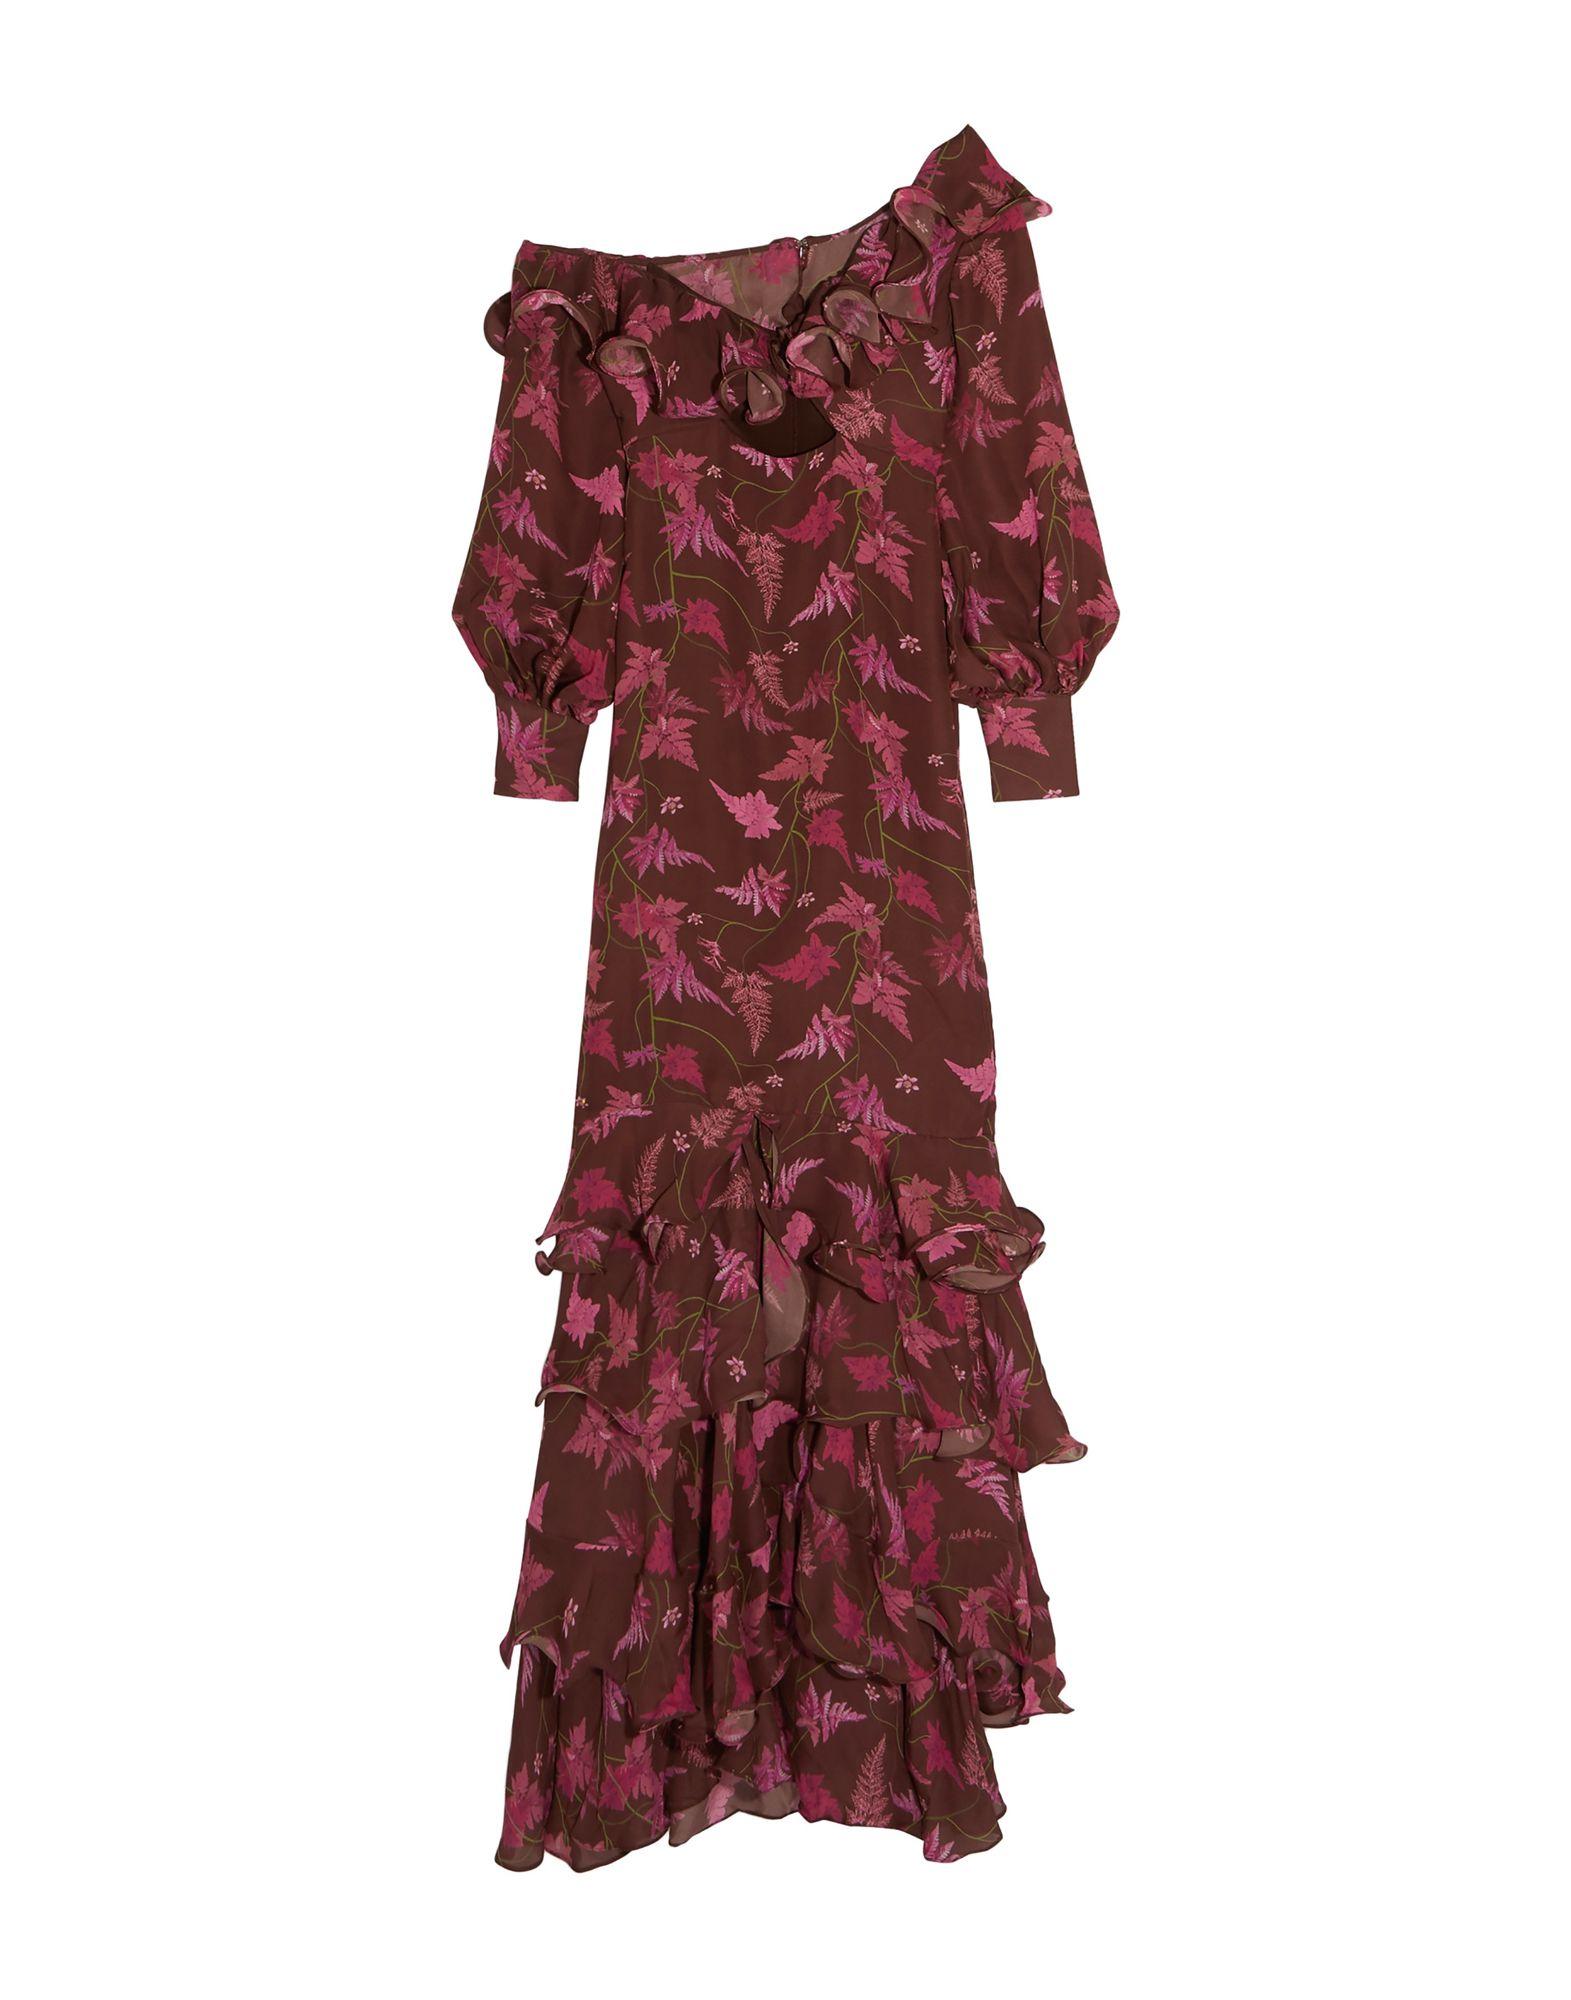 《送料無料》JOHANNA ORTIZ レディース ロングワンピース&ドレス ココア 0 シルク 100%